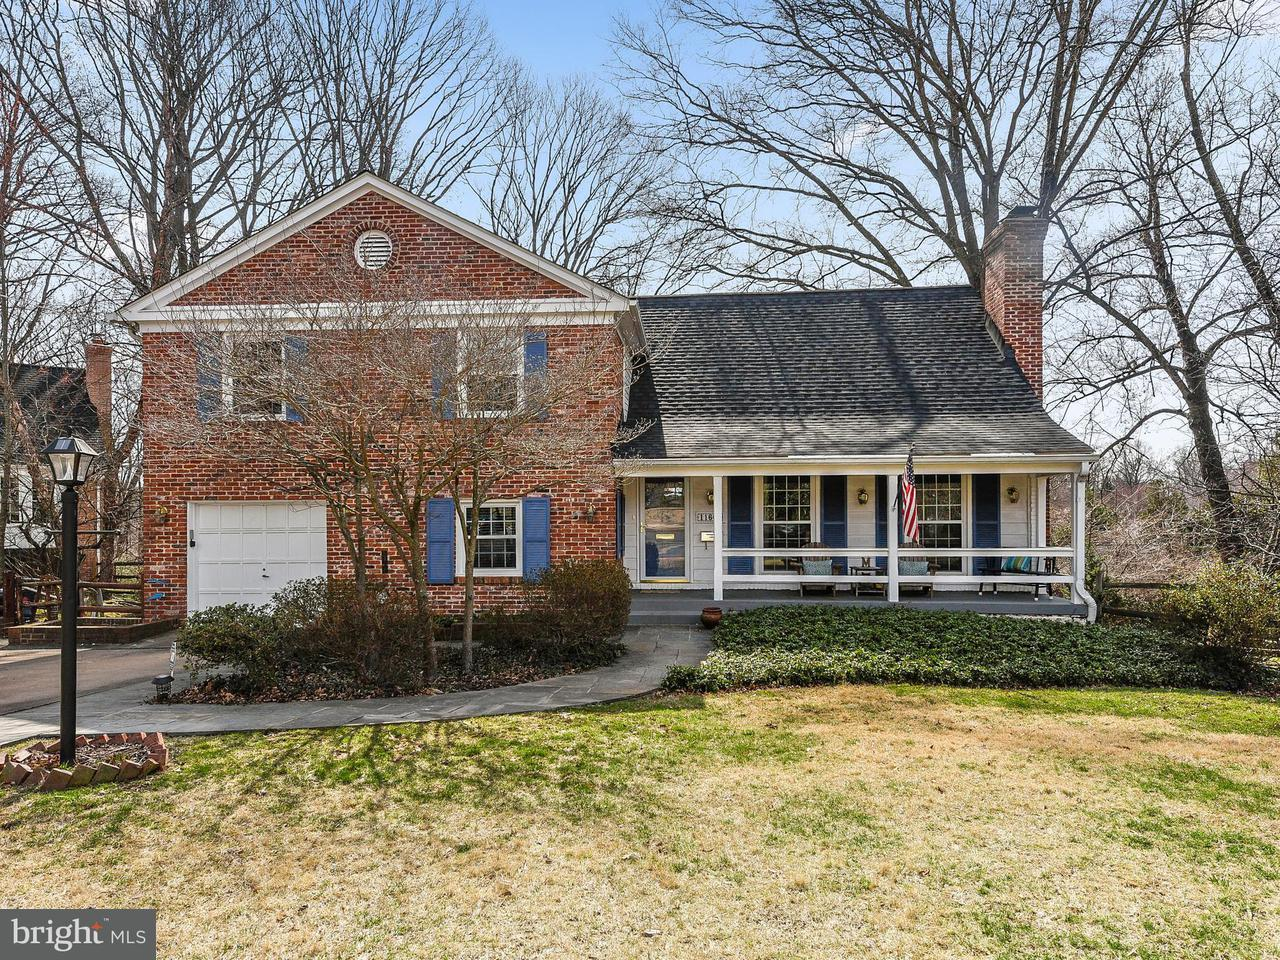 단독 가정 주택 용 매매 에 11600 Magruder Lane 11600 Magruder Lane Rockville, 메릴랜드 20852 미국